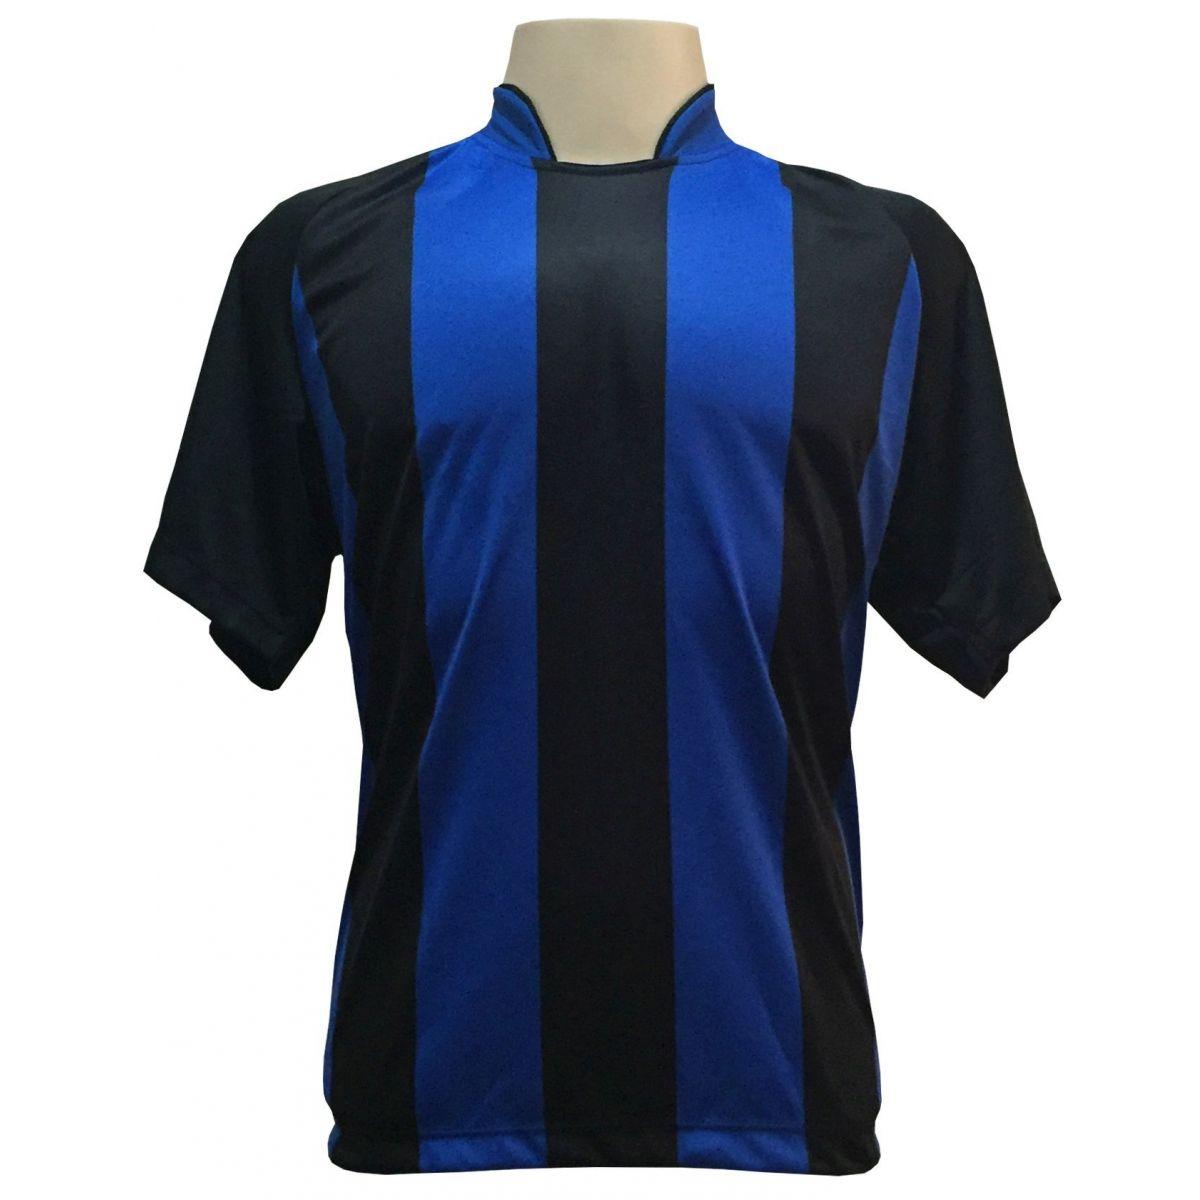 Uniforme Esportivo com 20 camisas modelo Milan Preto/Royal + 20 calções modelo Madrid Preto + Brindes